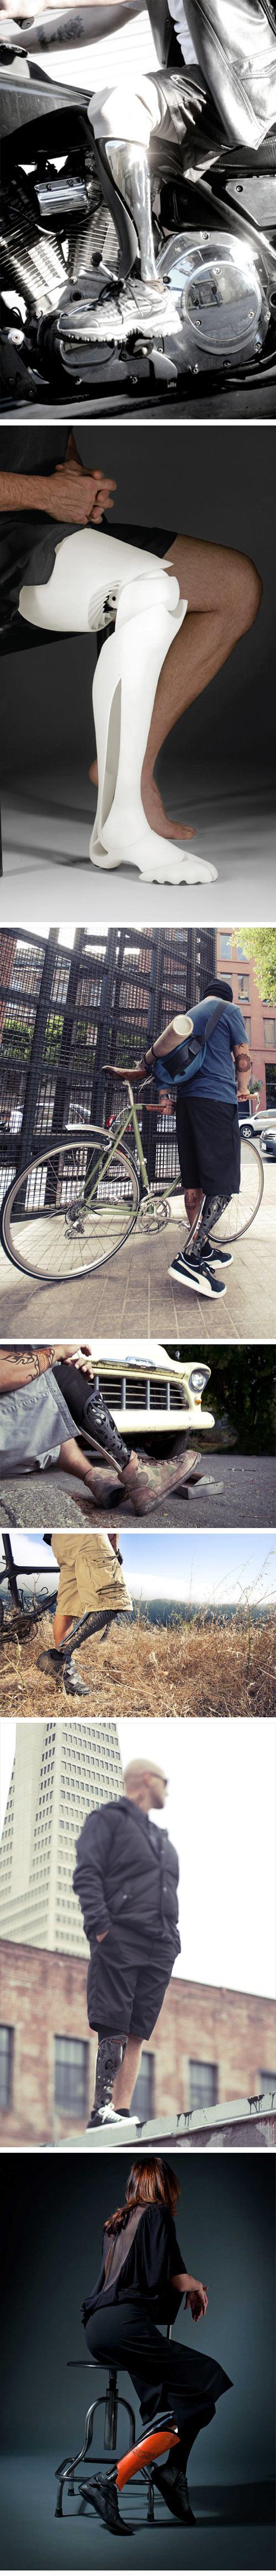 cool-industrial-designer-prosthetics-legs